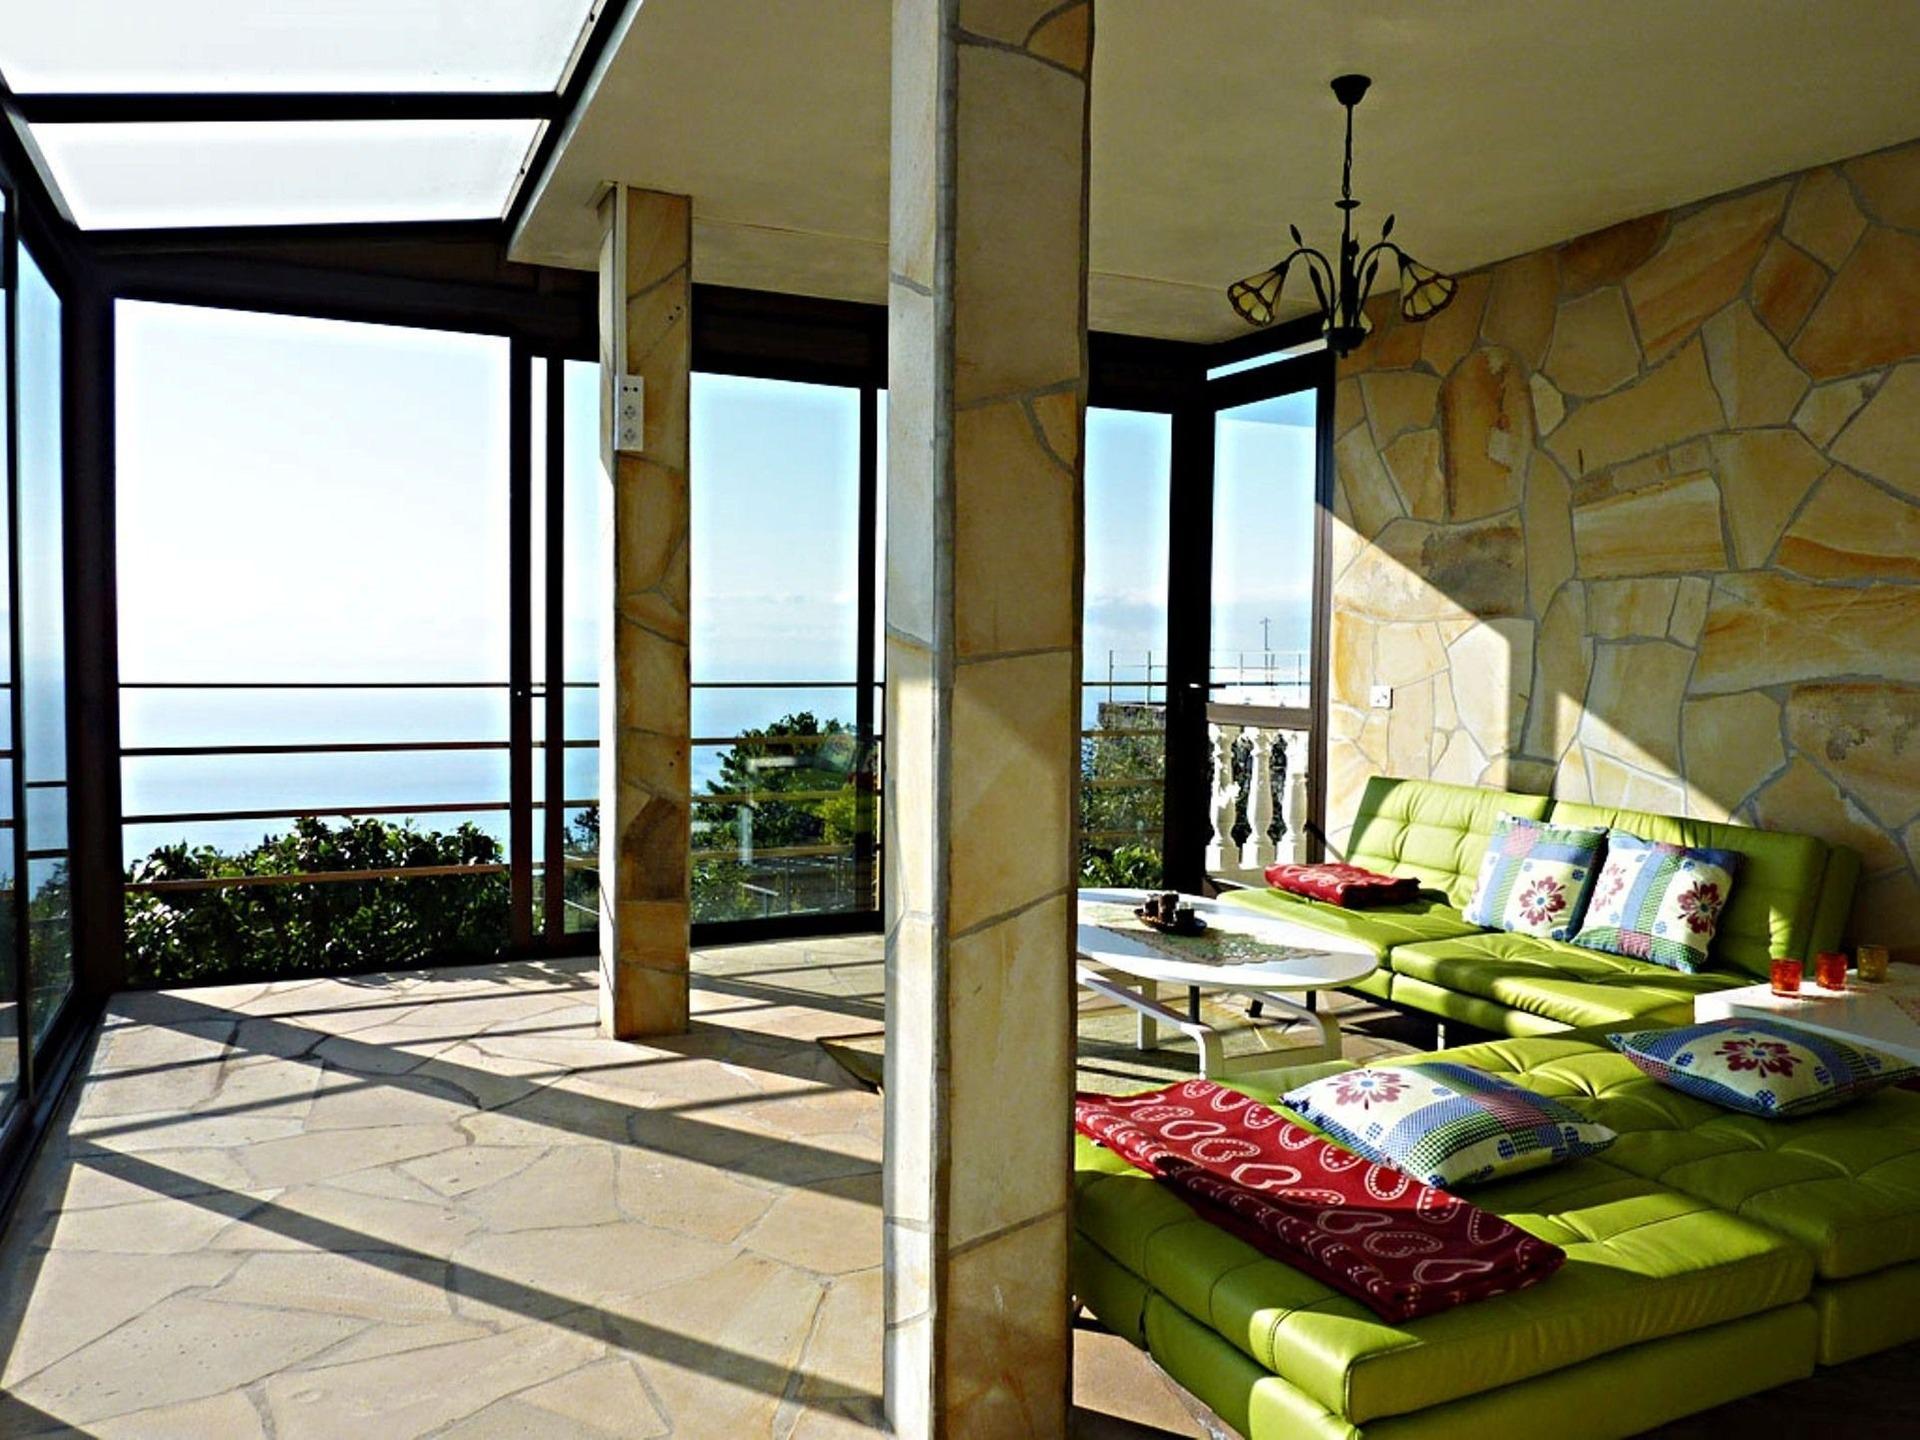 Maison de vacances Finca Panoramica Teidemar, 3 Schlafzimmer/Bäder, tolle Fernsicht, Gärten, Pool, Grill und  (2492991), Santa Ursula, Ténérife, Iles Canaries, Espagne, image 3